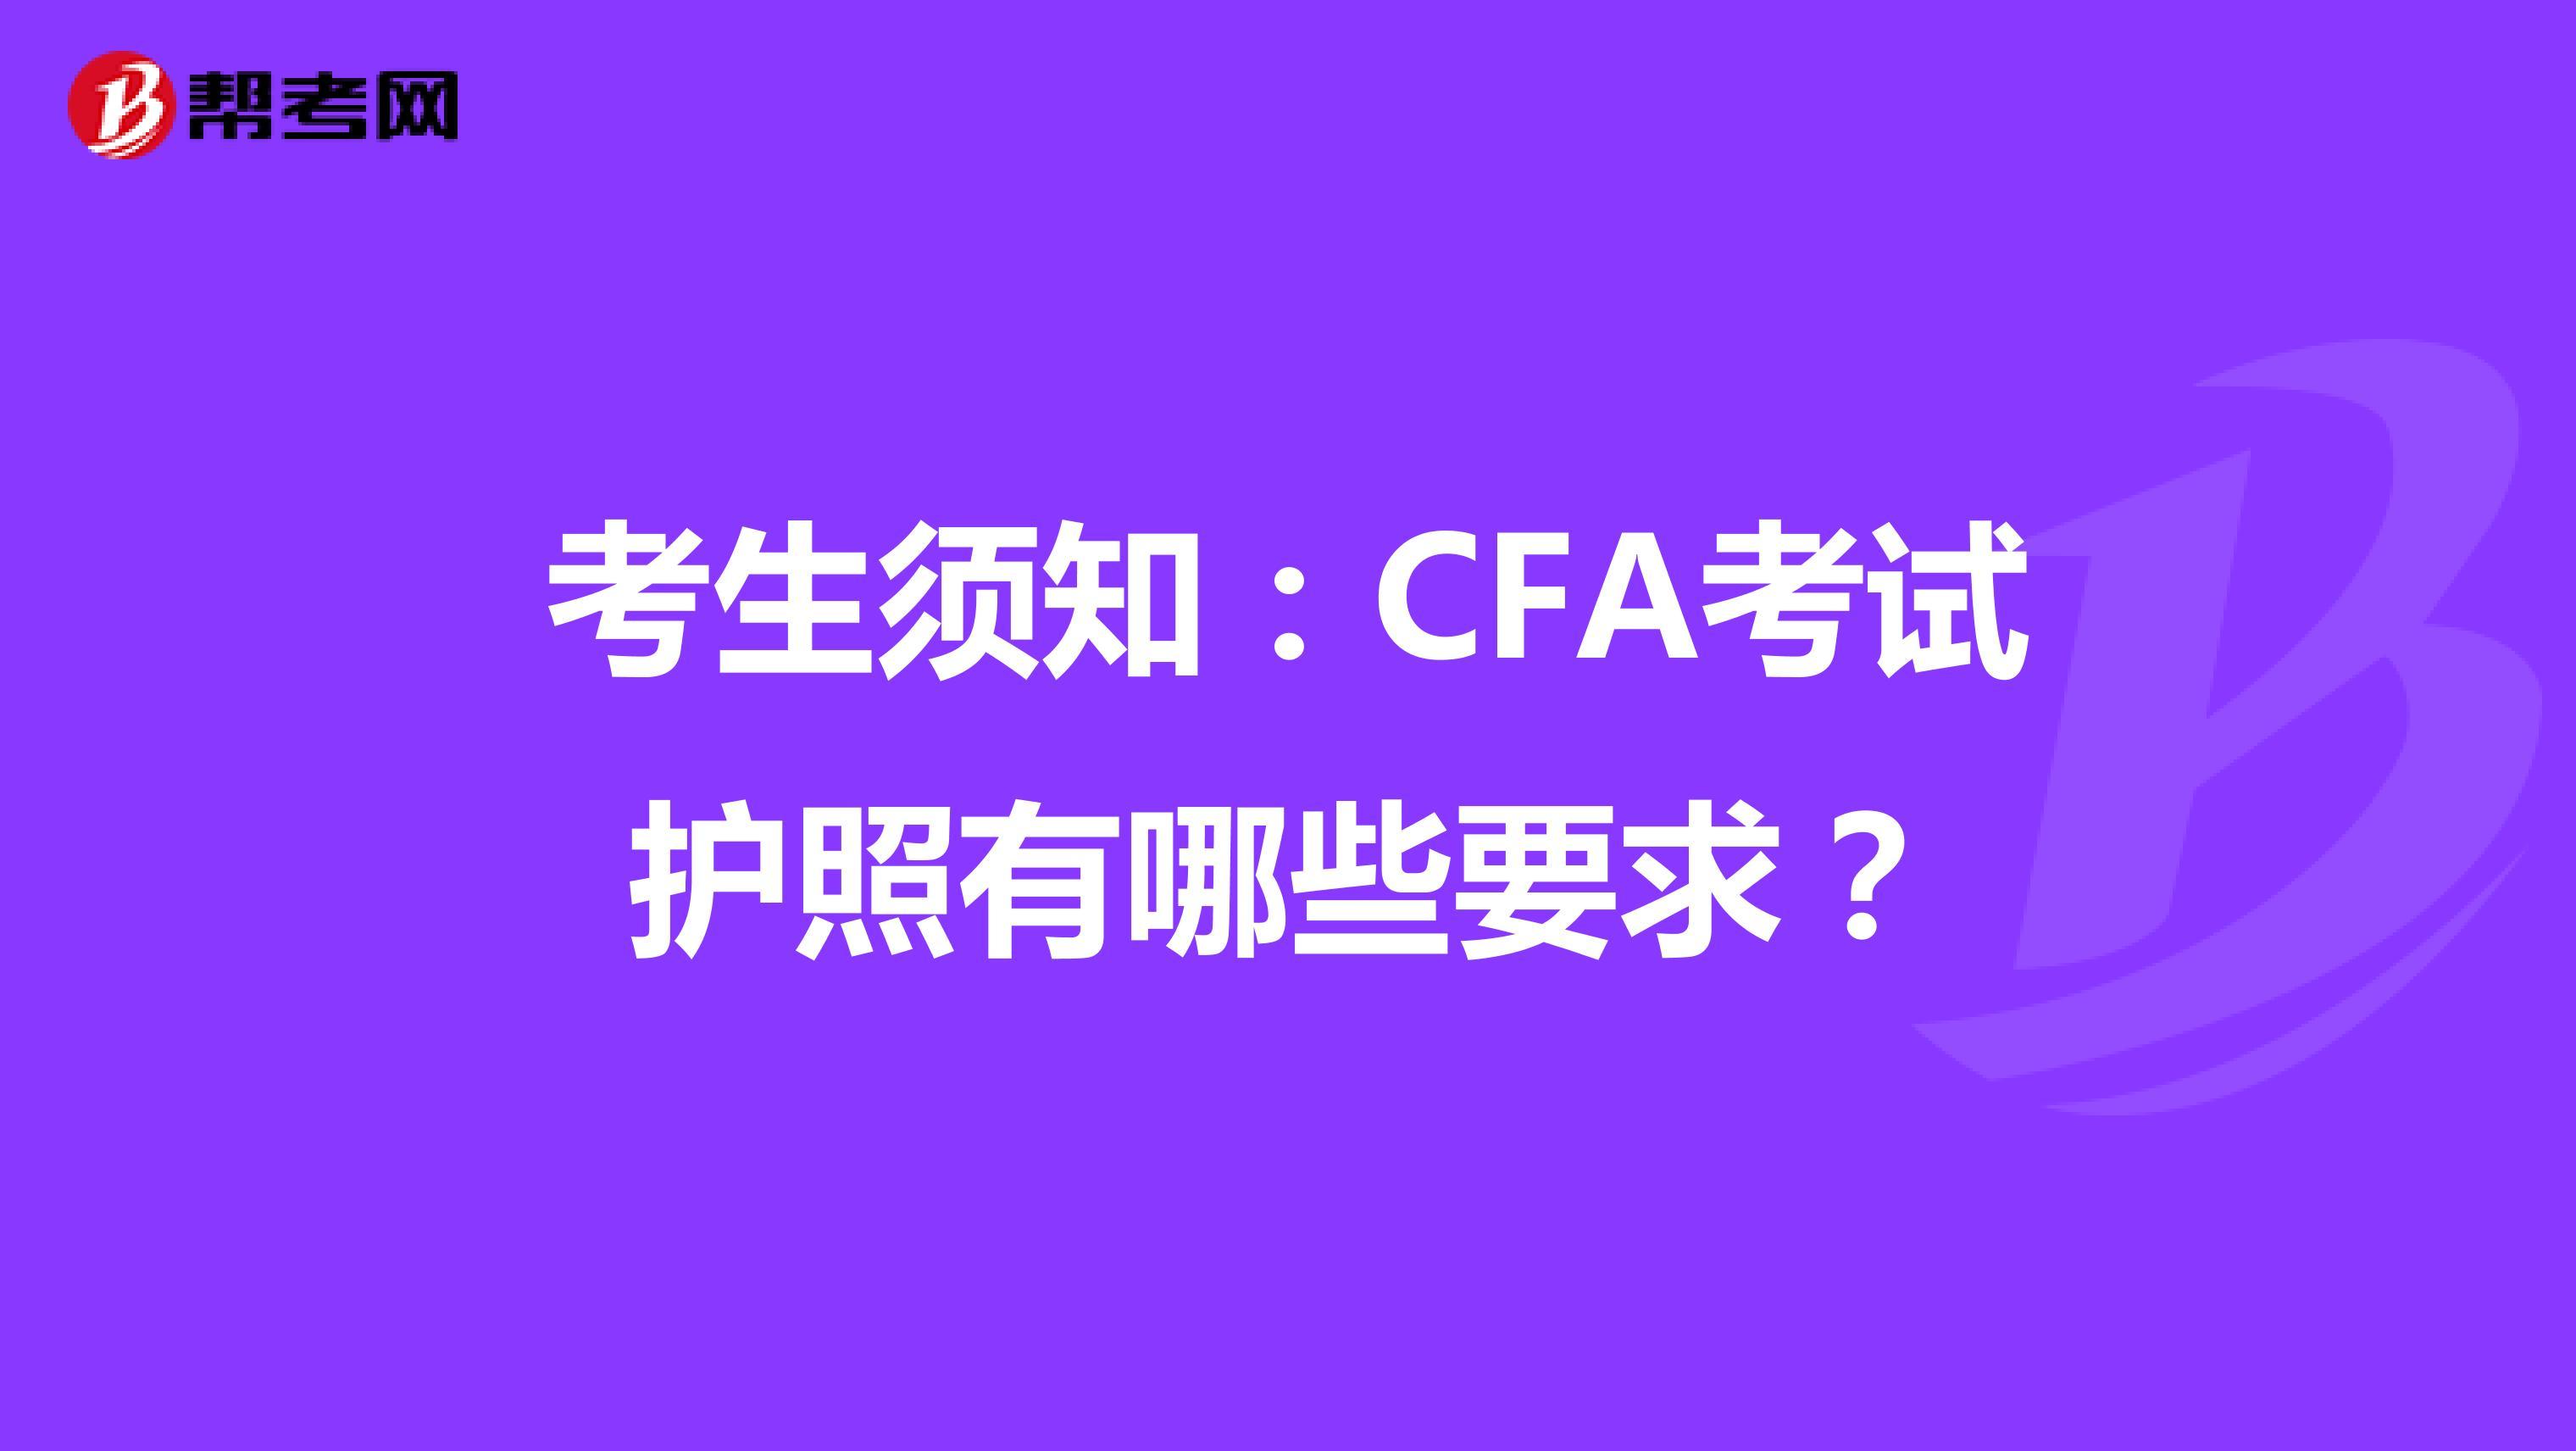 考生须知:CFA考试护照有哪些要求?